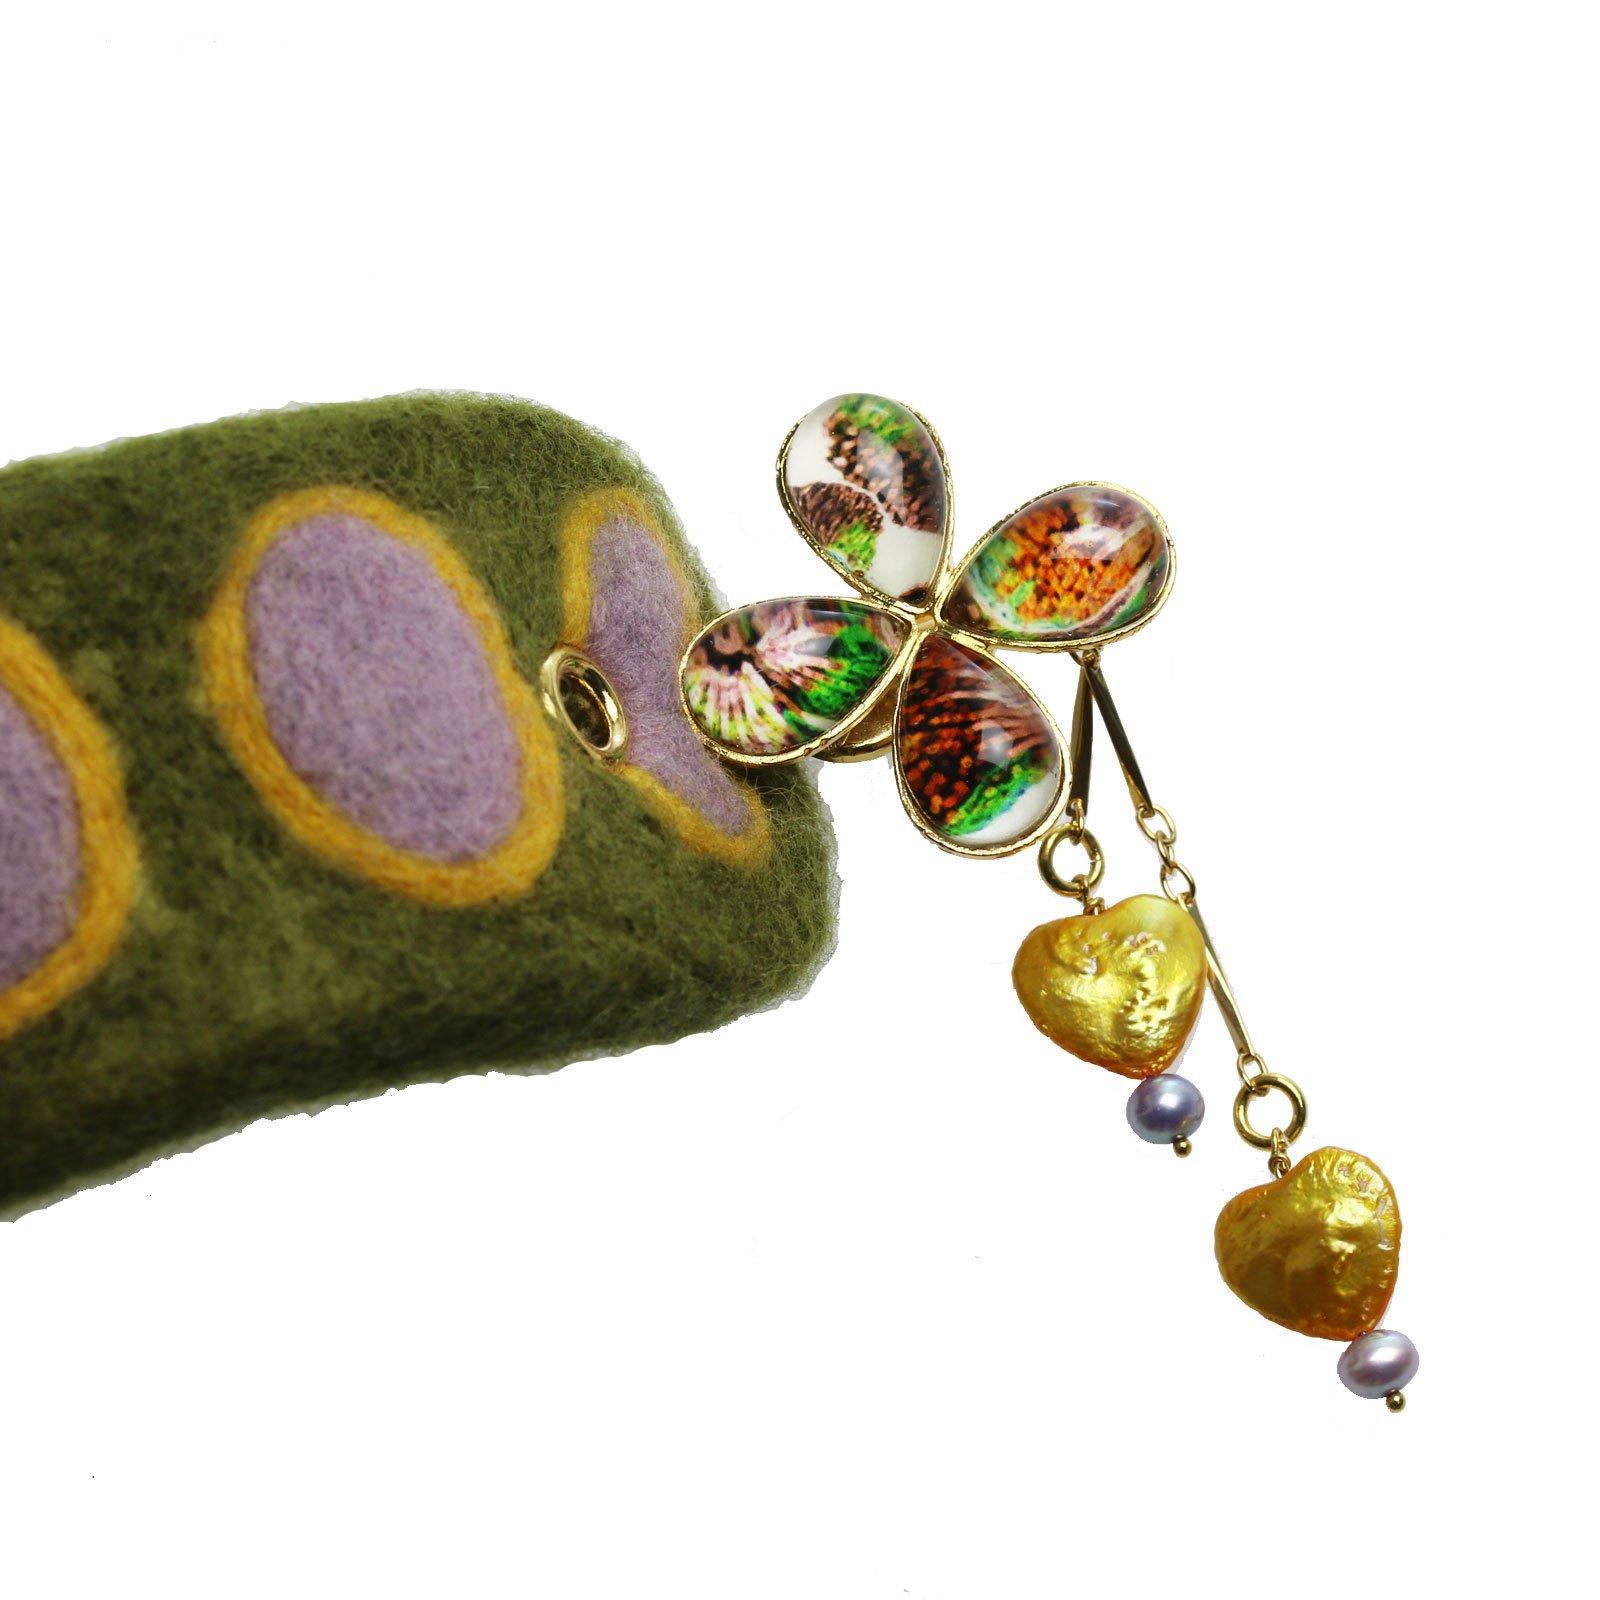 Tamarusan Hair Pin Barretta Handmade Hair Ornament Hair Stick Felt